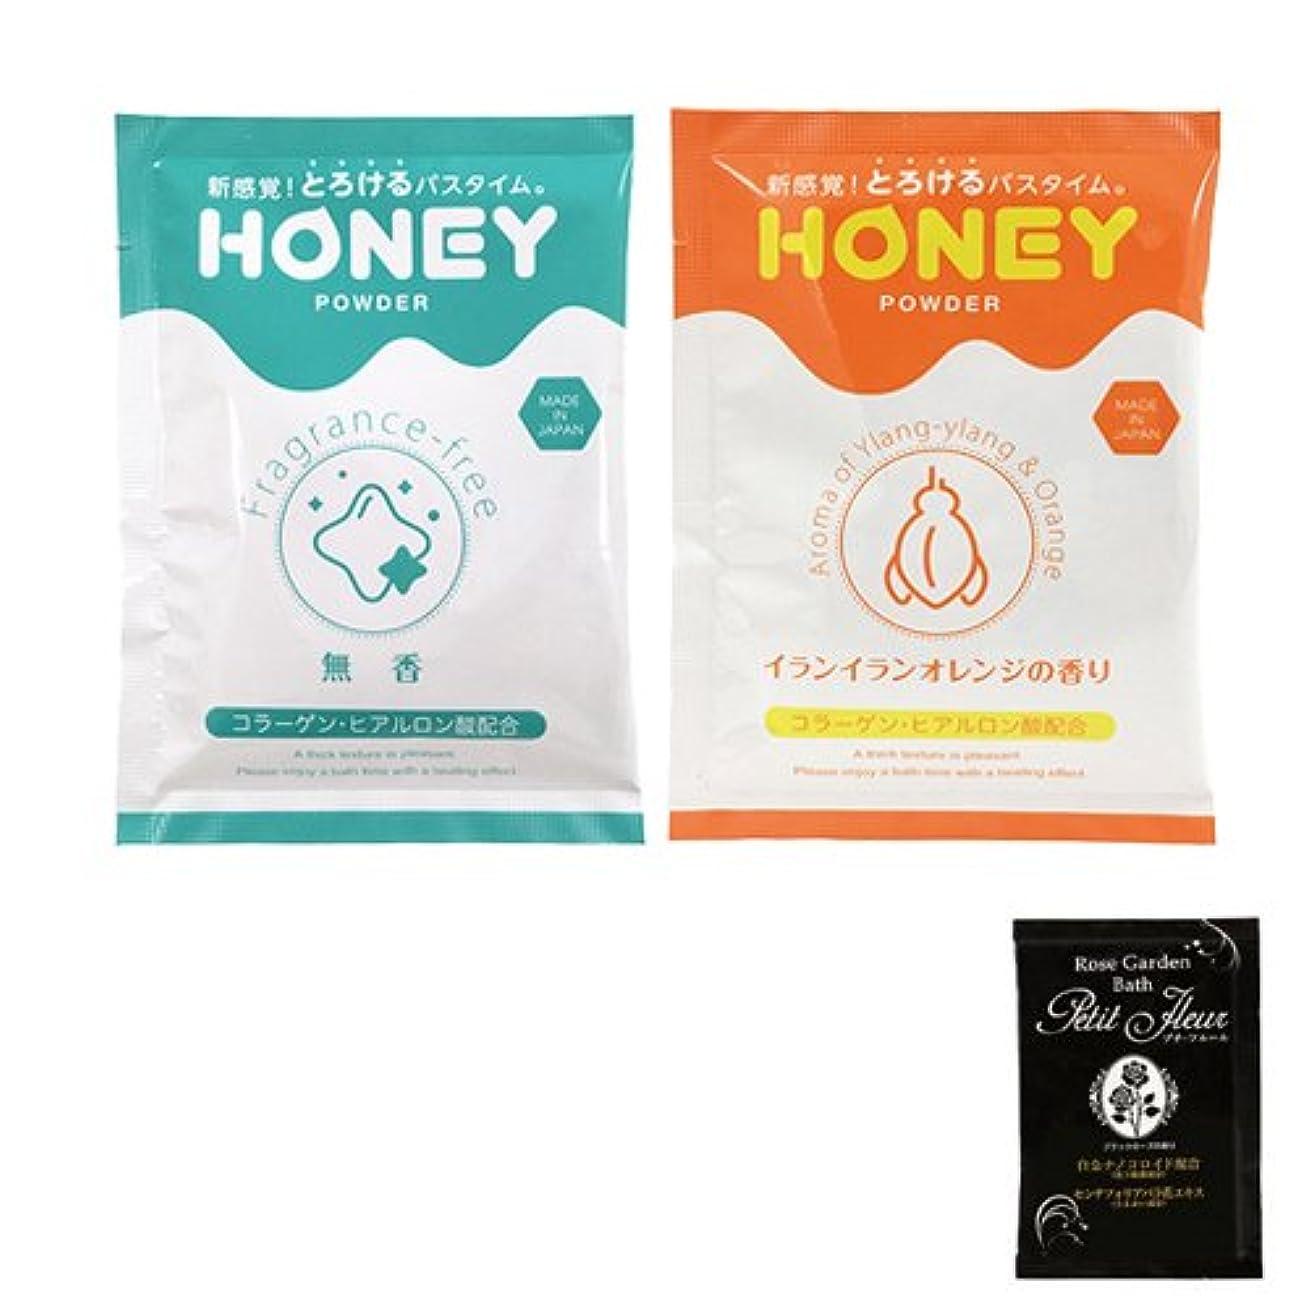 パーツコンバーチブルアシストとろとろ入浴剤【honey powder】粉末タイプ イランイランオレンジの香り + 無香 + 入浴剤(プチフルール)1回分